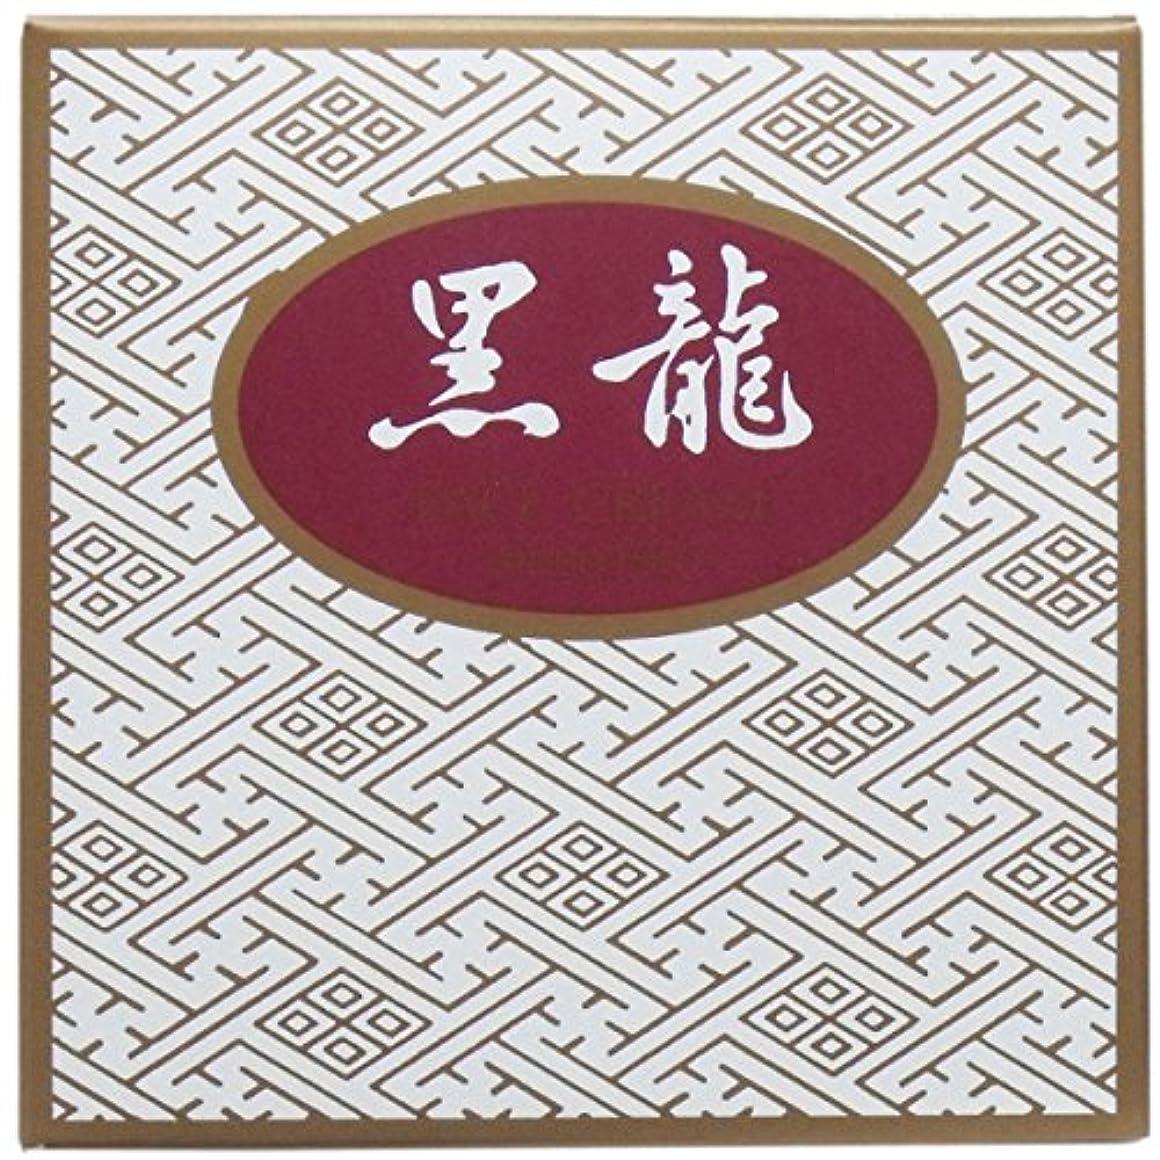 ファンブルランドリー壁薬効クリーム 黒龍 金線 70g×3個セット